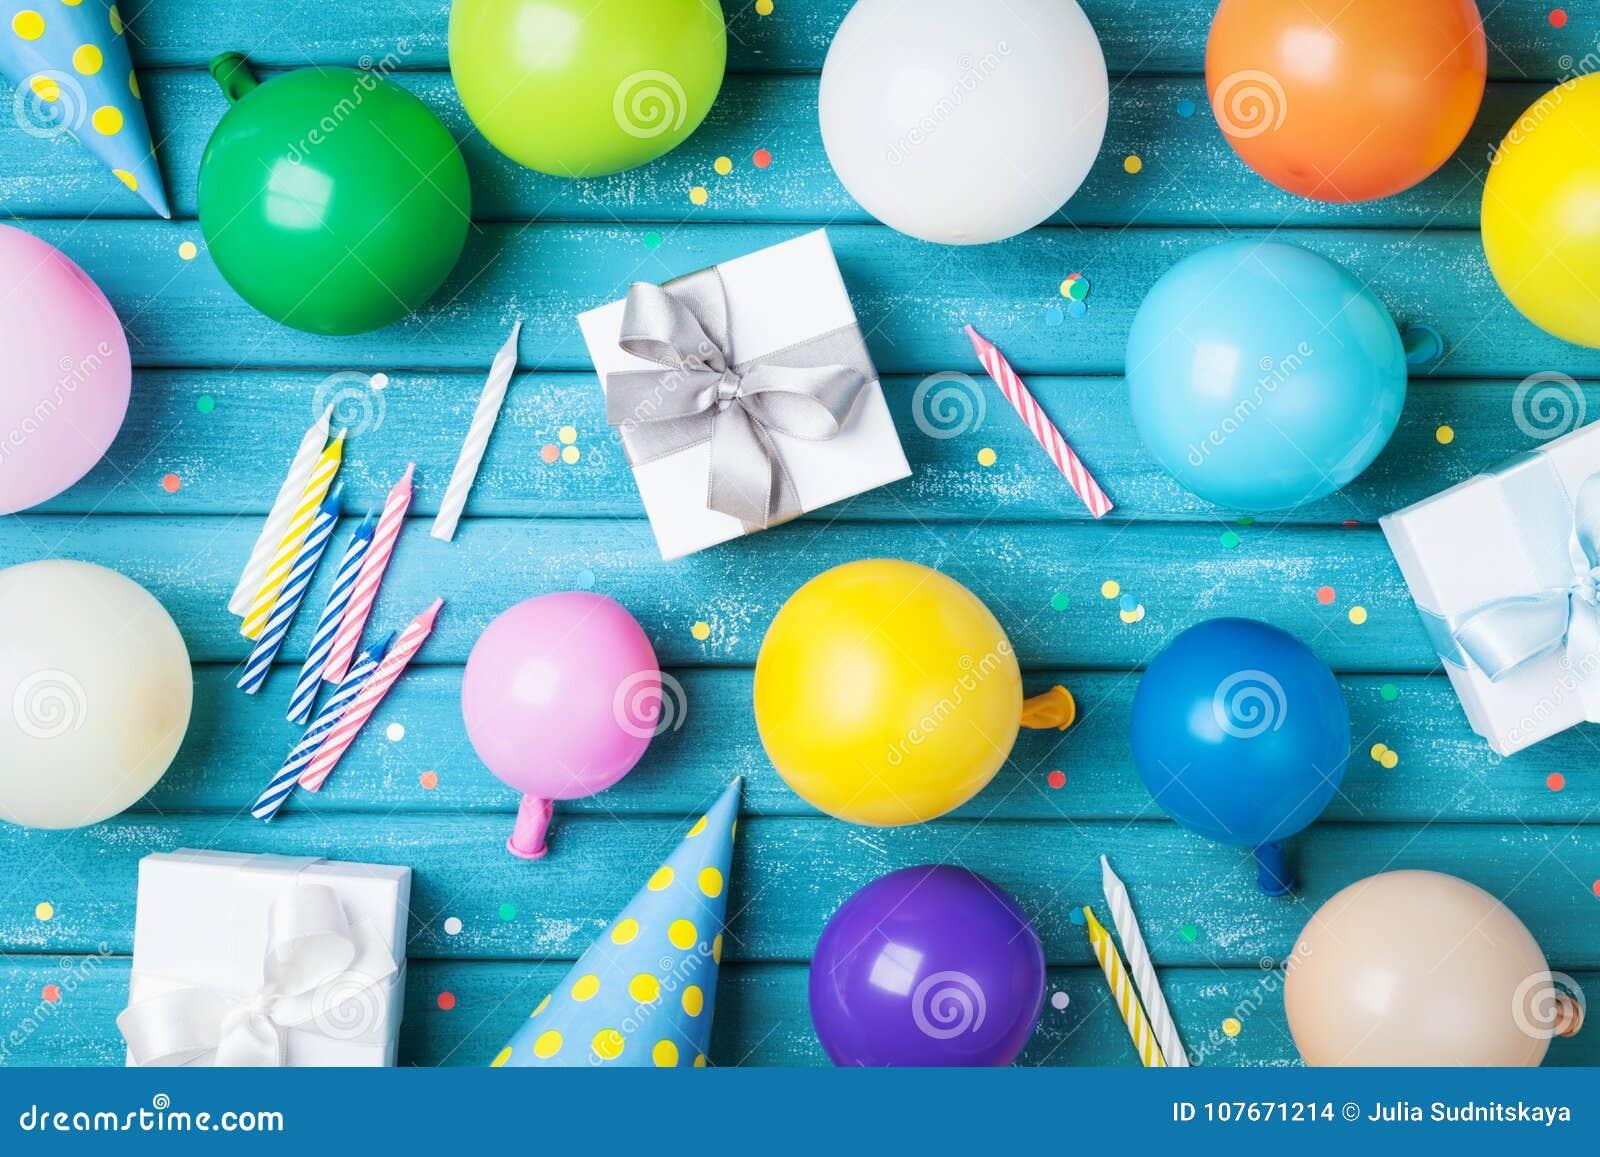 Πίνακας γενεθλίων κόμματος Ζωηρόχρωμο μπαλόνια, δώρα, κομφετί και καρναβάλι ΚΑΠ στην μπλε άποψη επιτραπέζιων κορυφών Ανεφοδιασμός